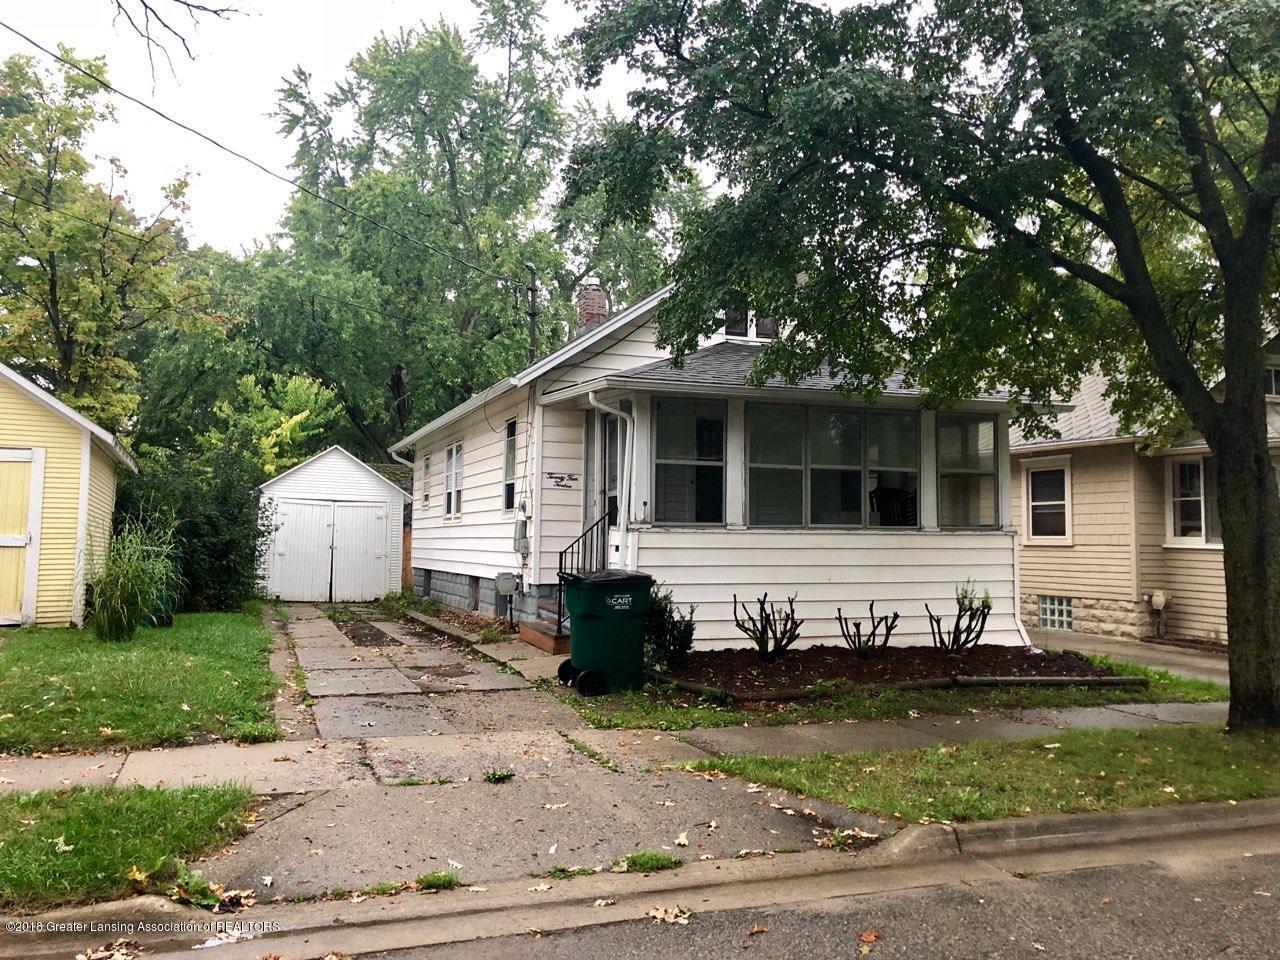 2412 Fernwood Ave - 2412 Fernwood - 2